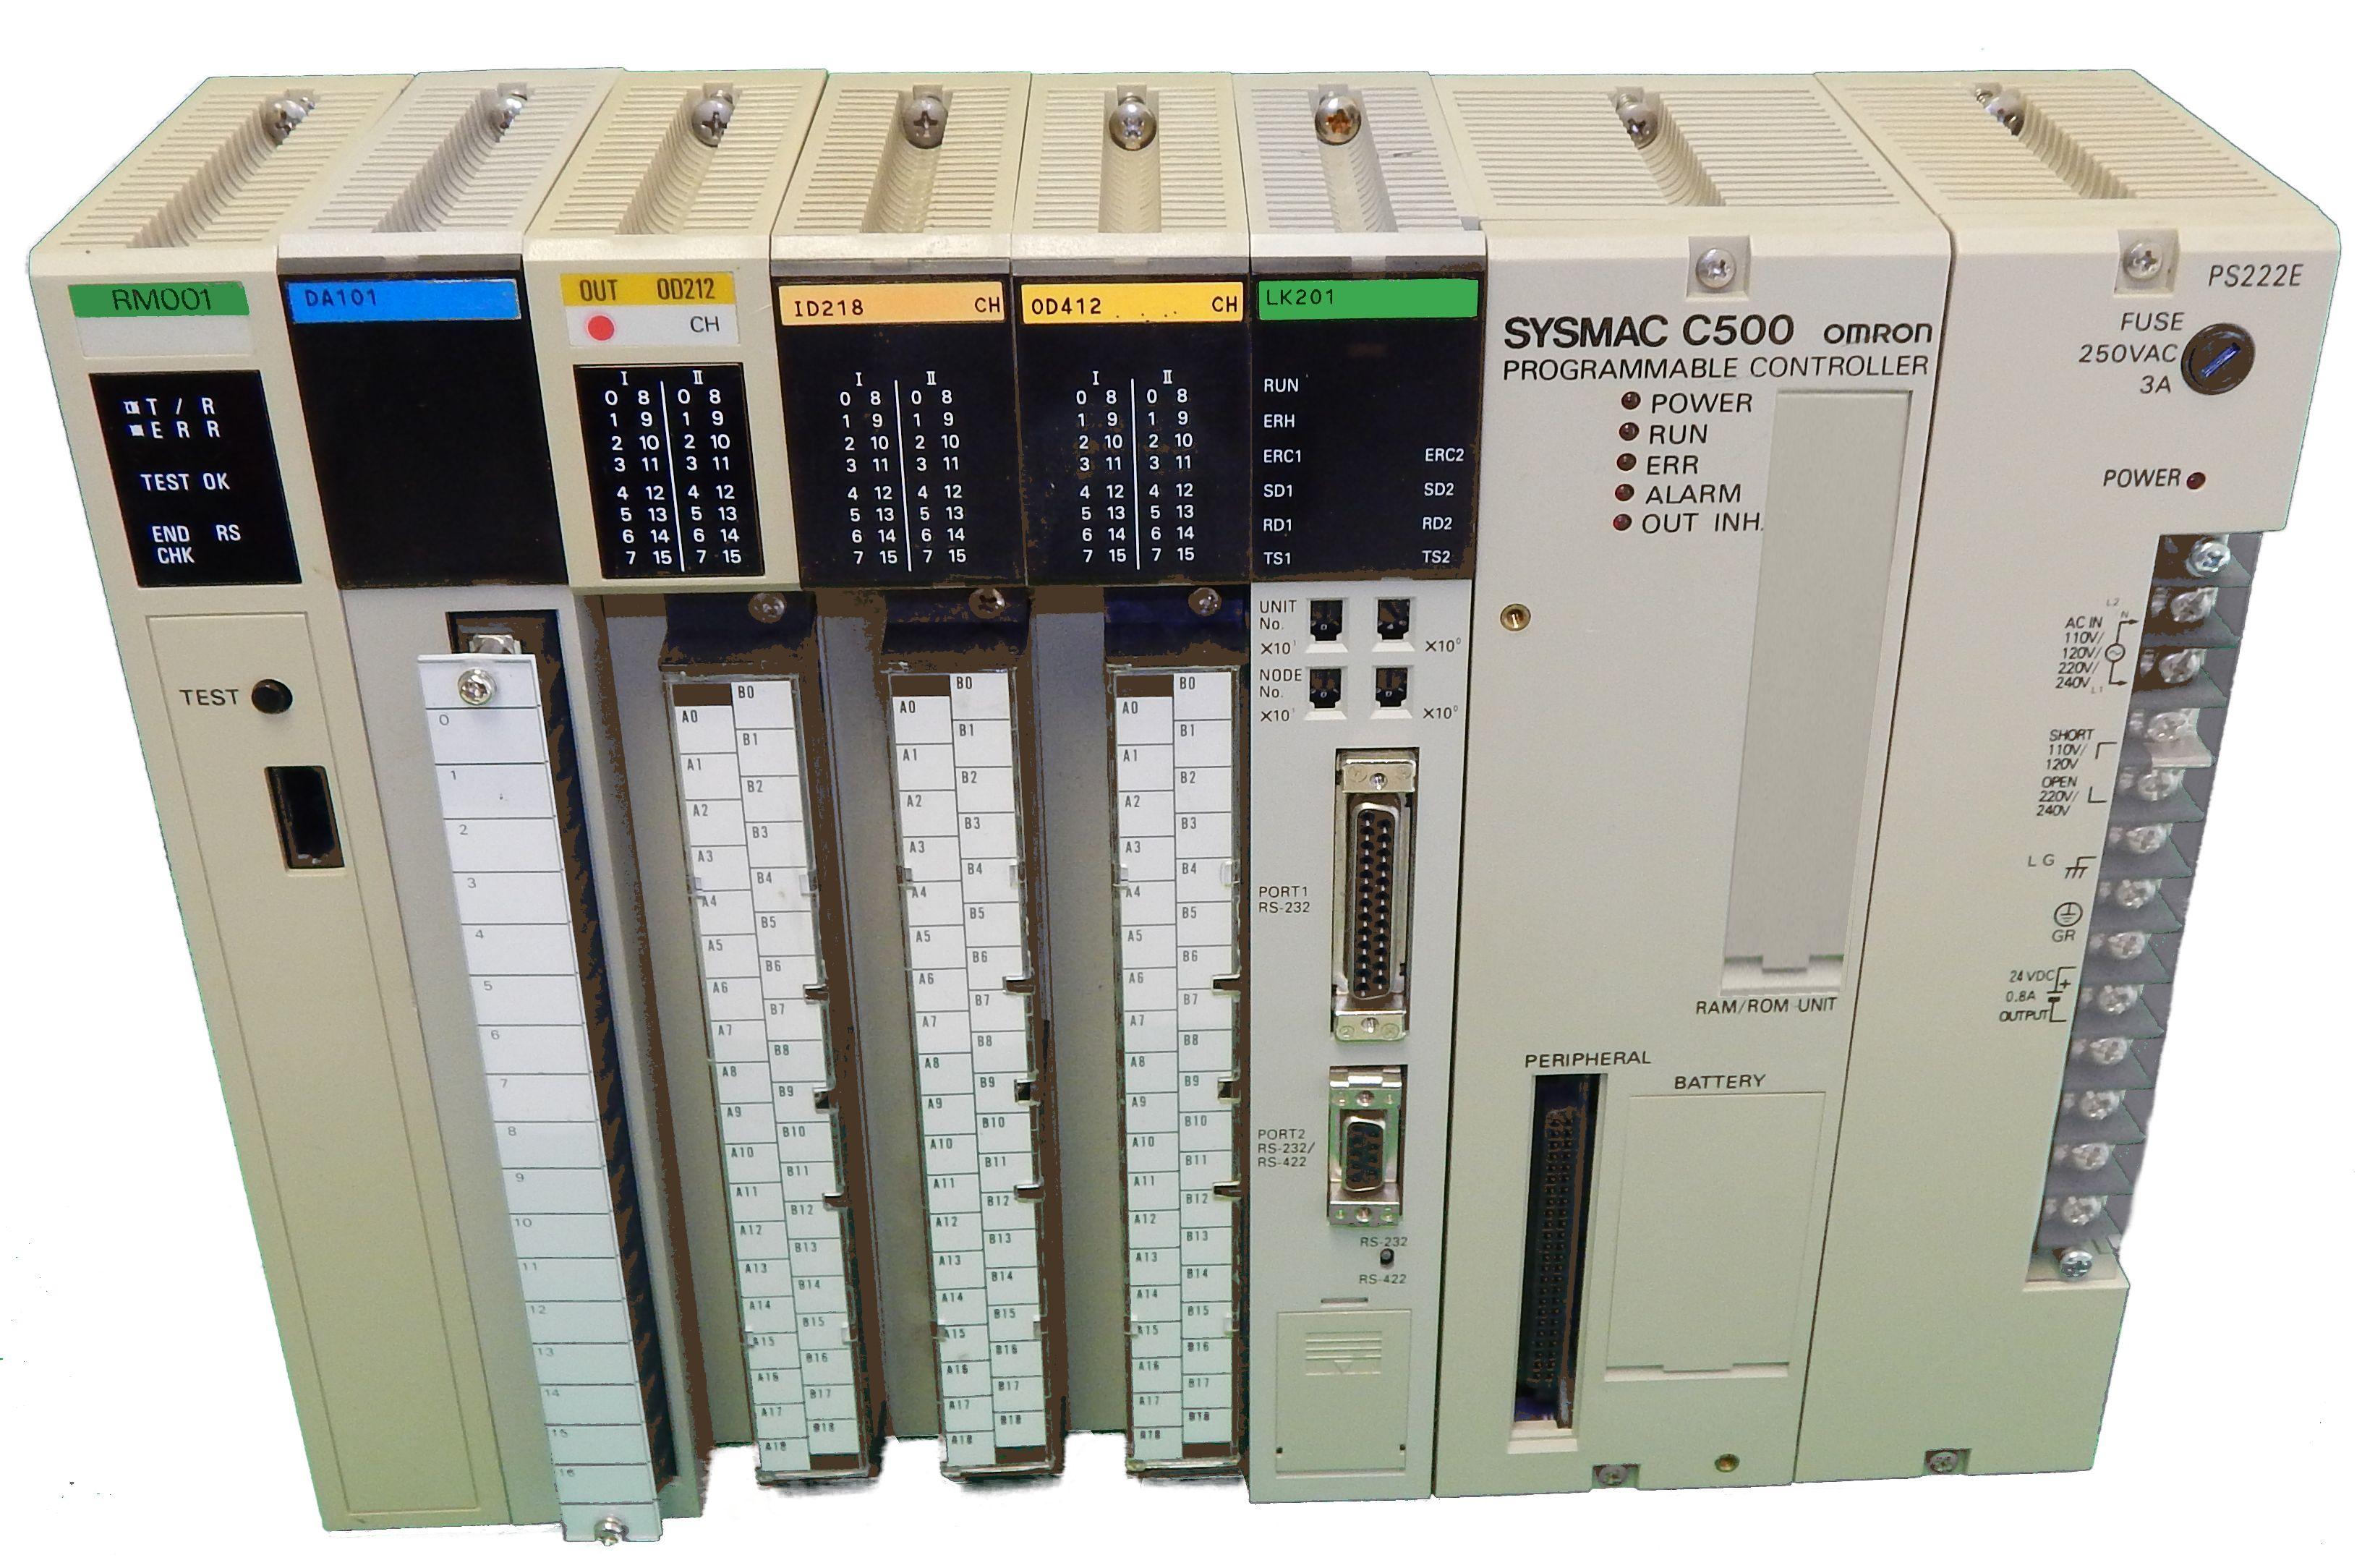 3G2A5-CT001